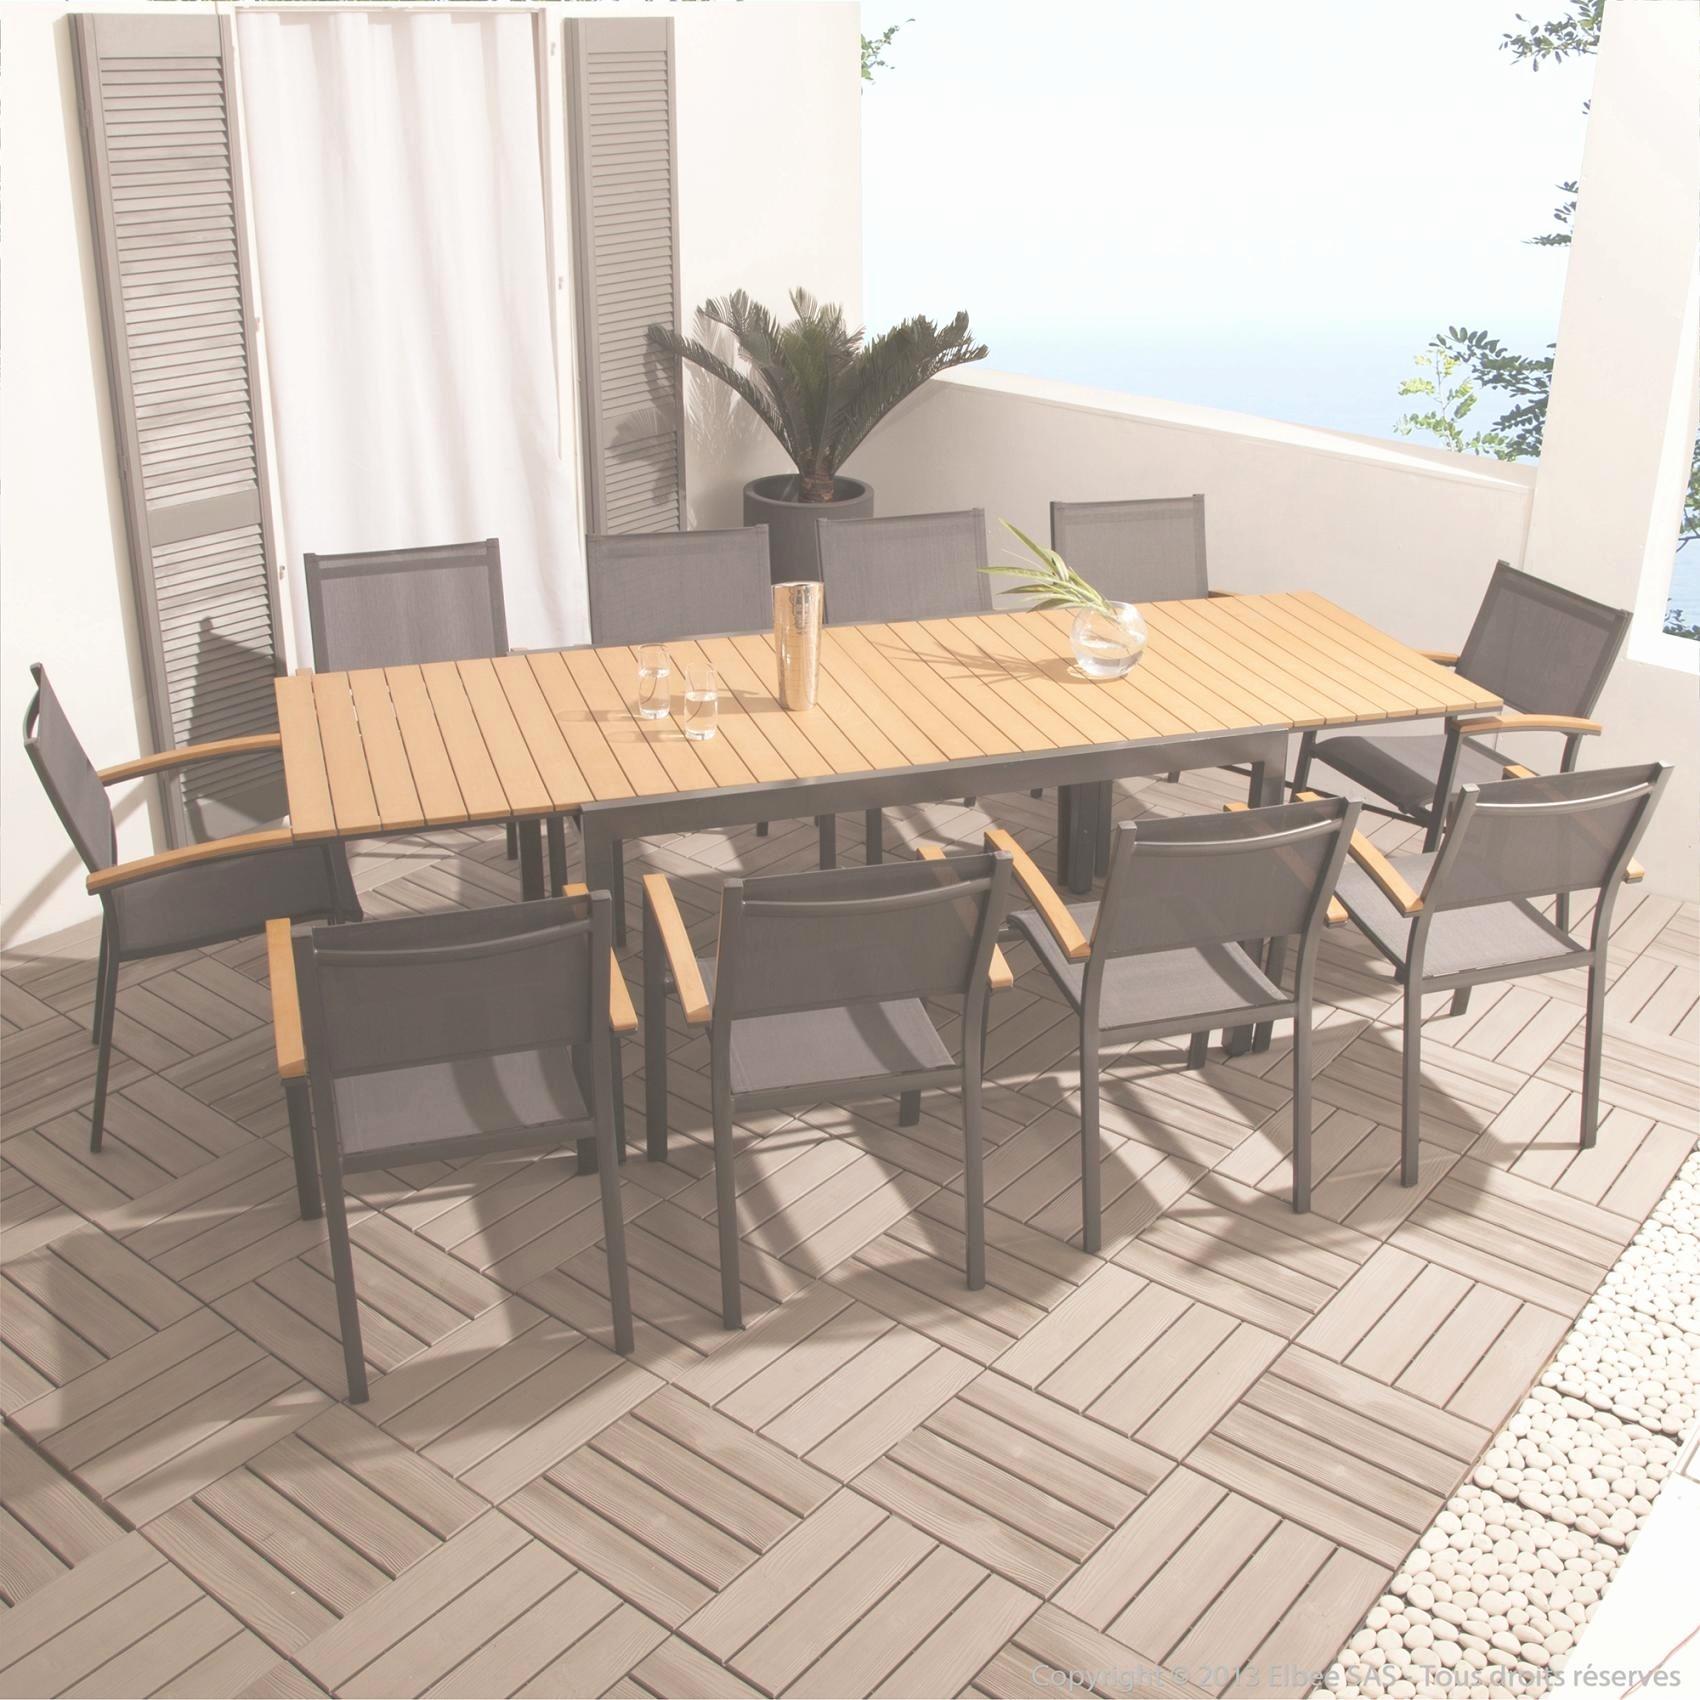 Salon De Jardin Geant Luxe Images Salon De Jardin Casino Unique Table De Jardin Geant Casino Concept